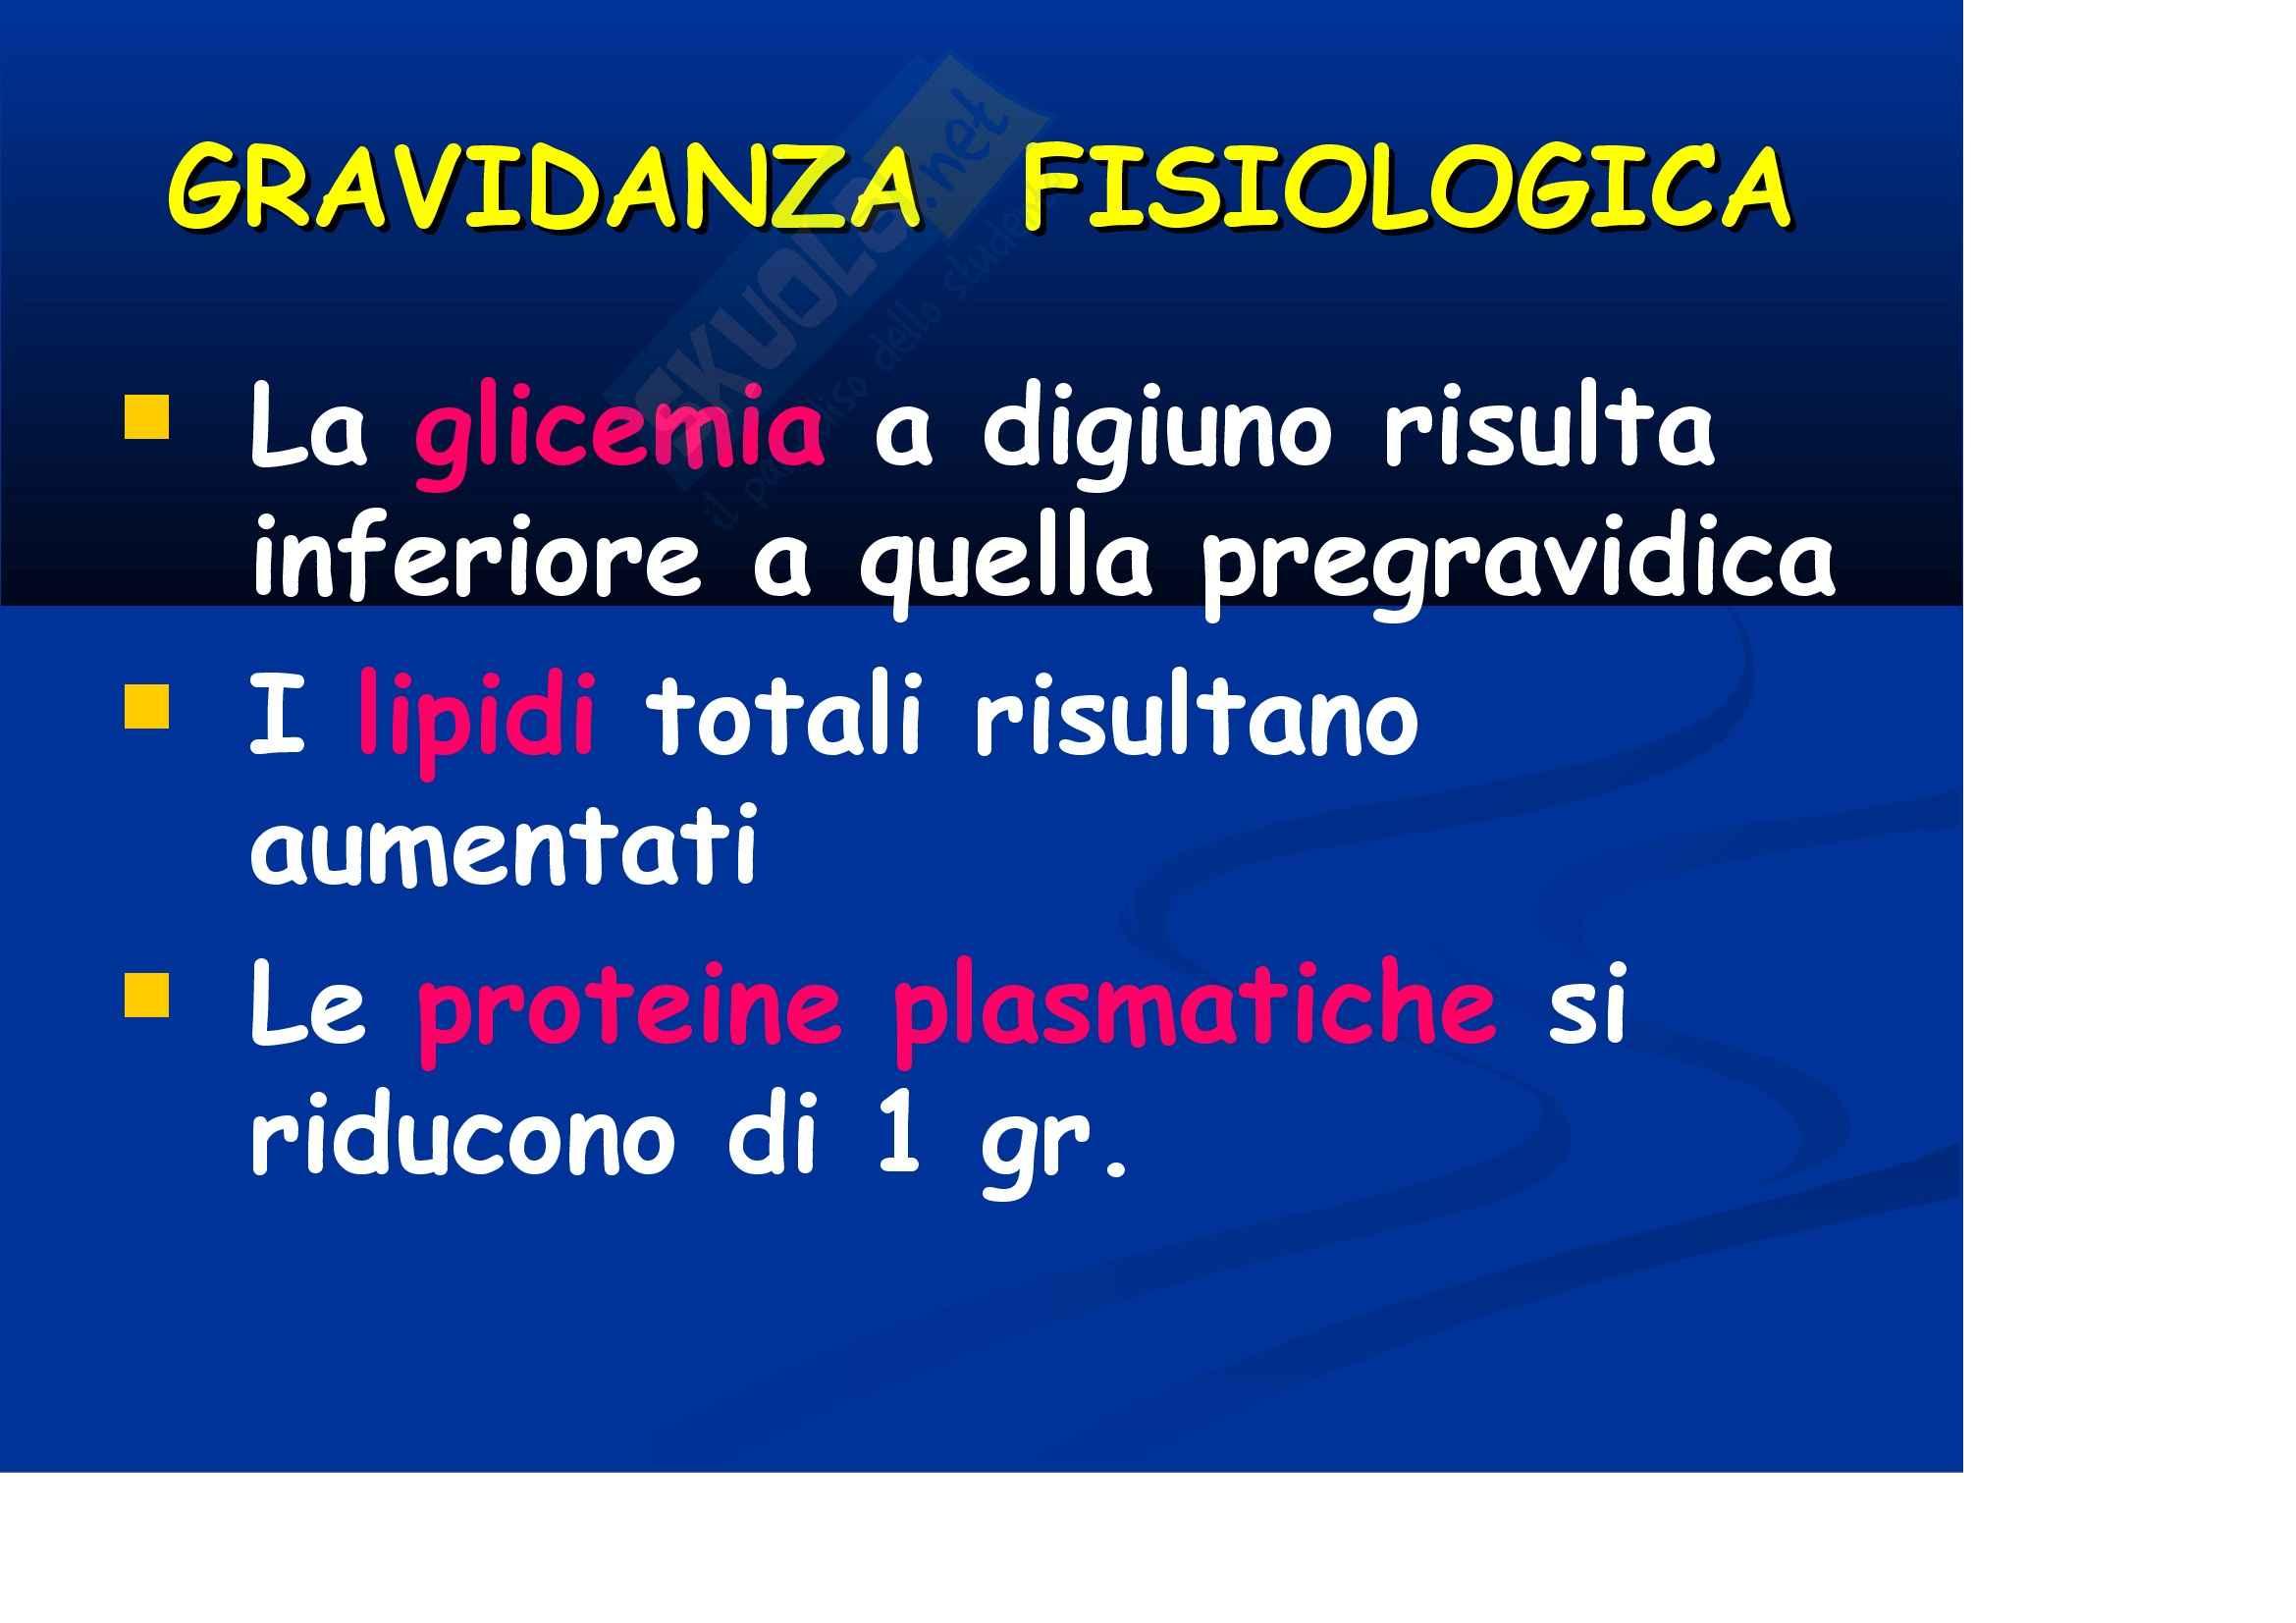 Ginecologia e ostetricia – Sindromi ipertensive gravidiche Pag. 11